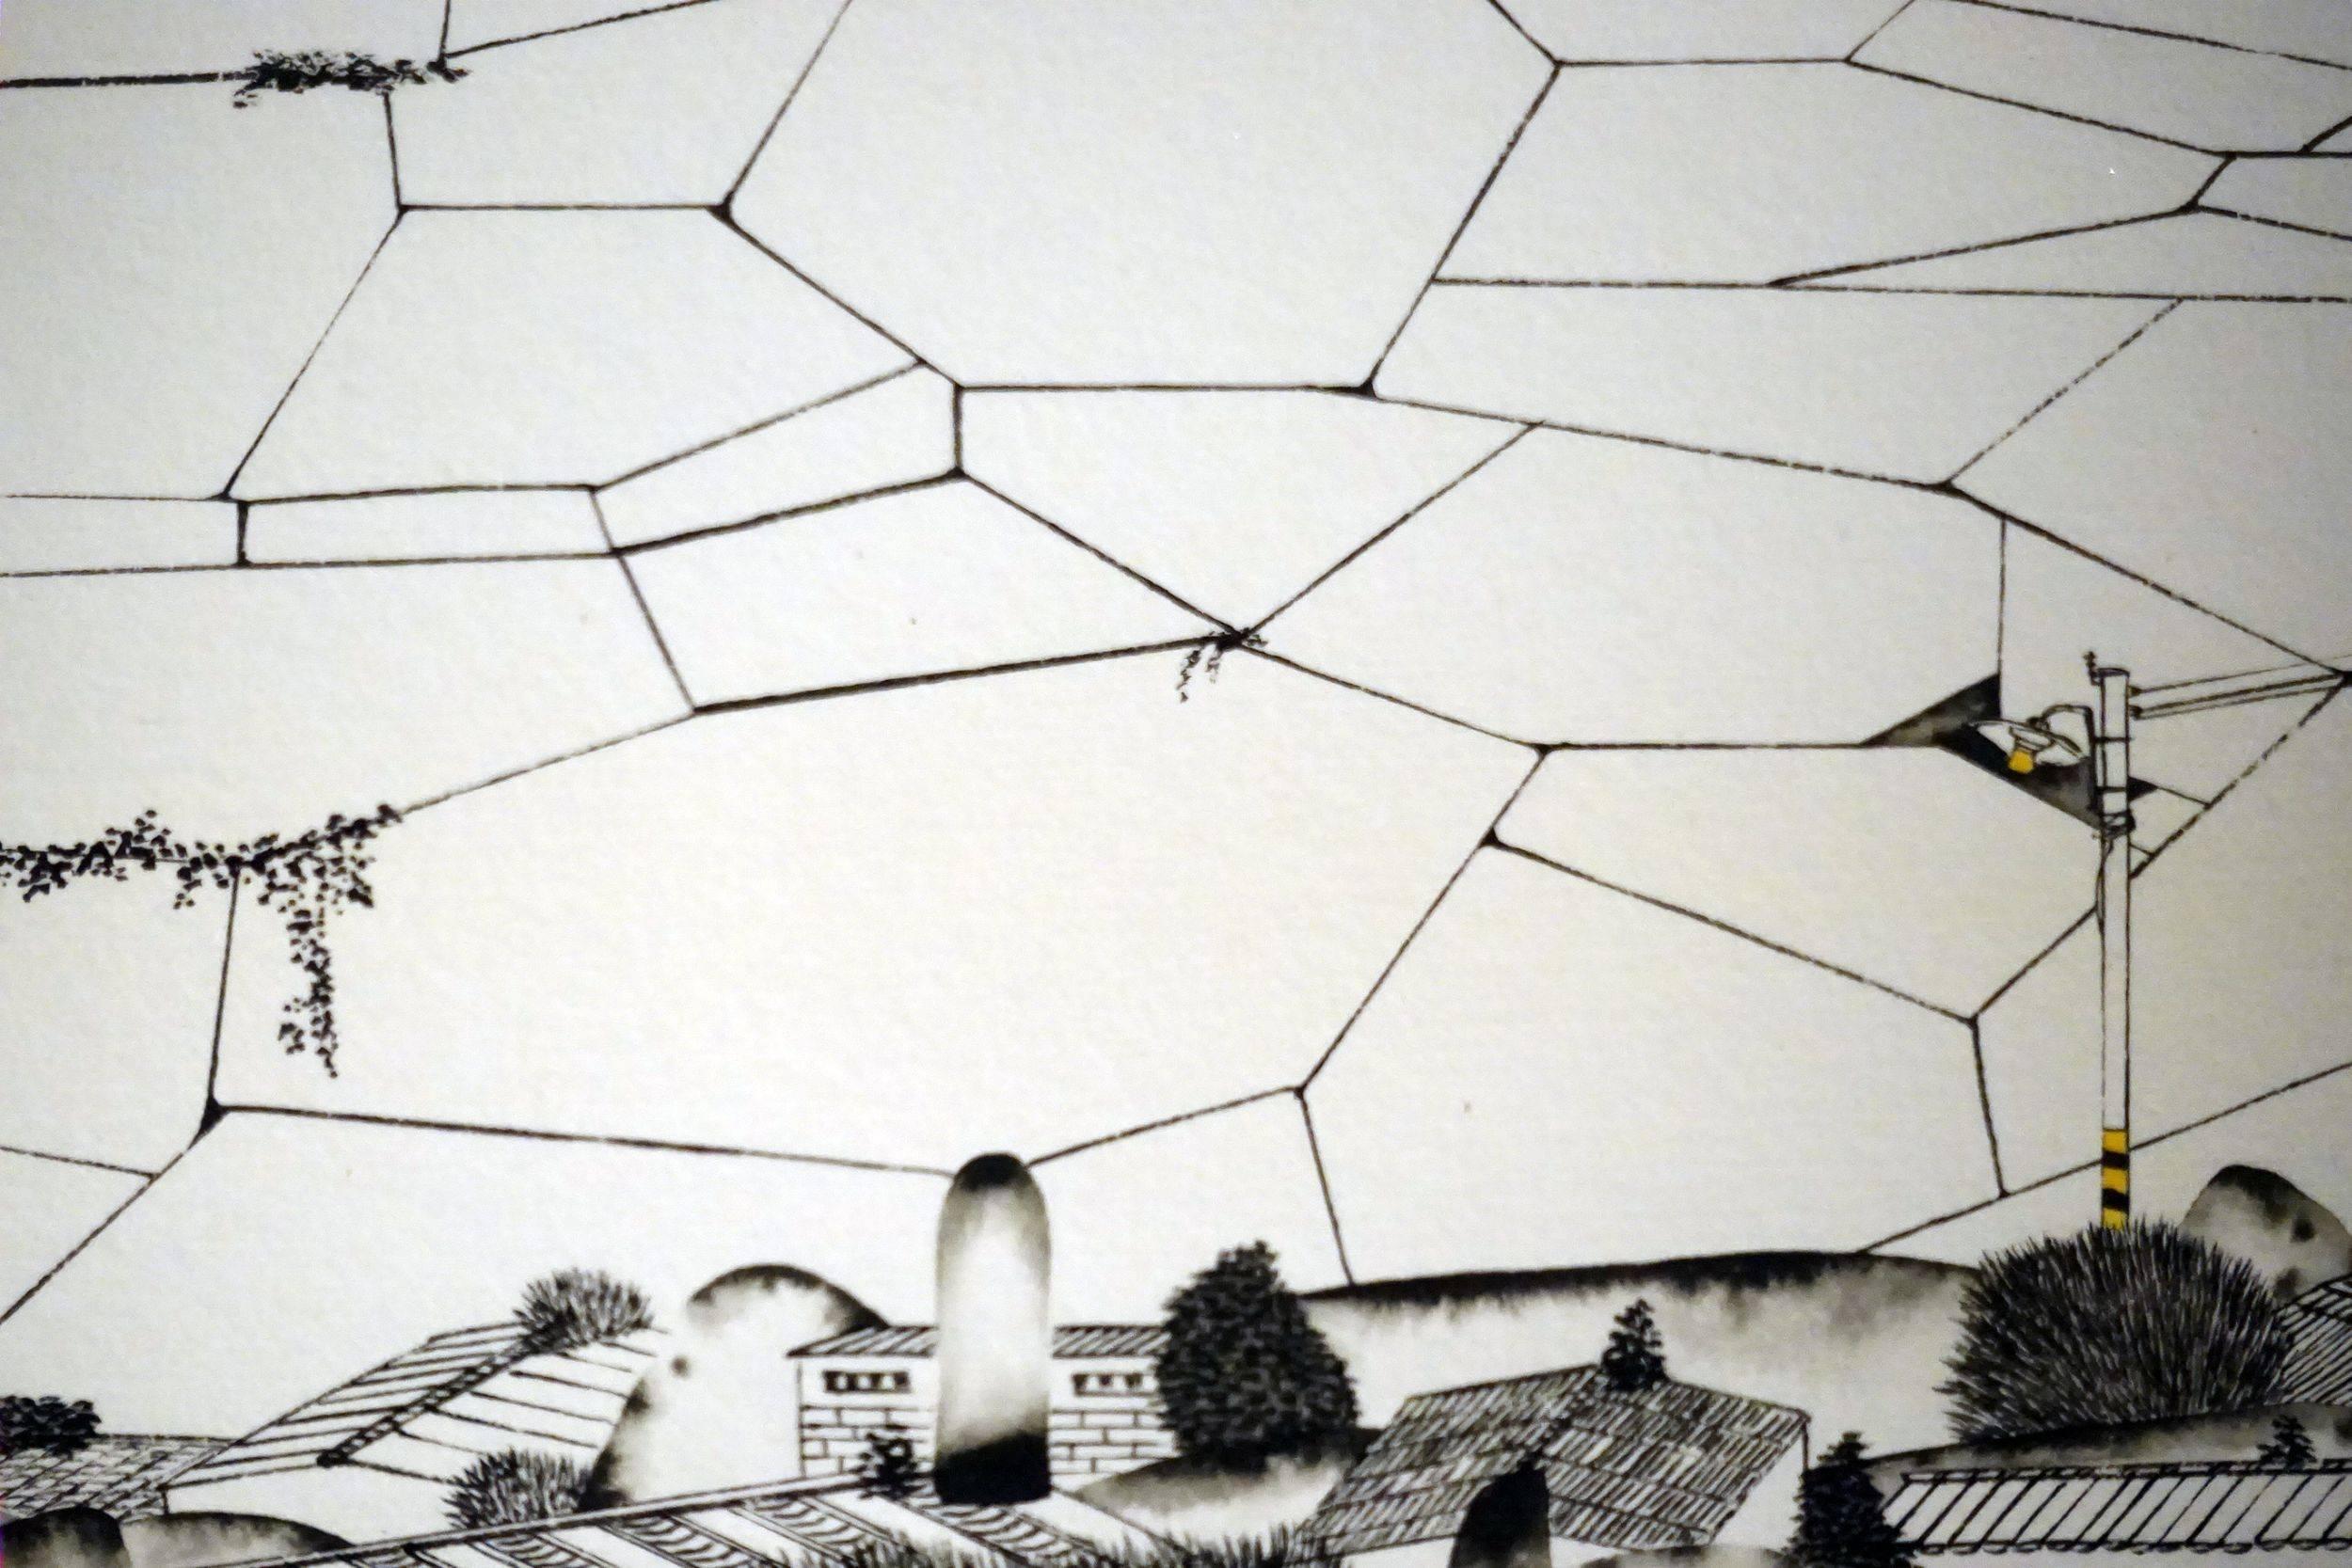 邱亦寧,寂寞城市IV,水墨、紙,13.5x86.5cm,2018年。